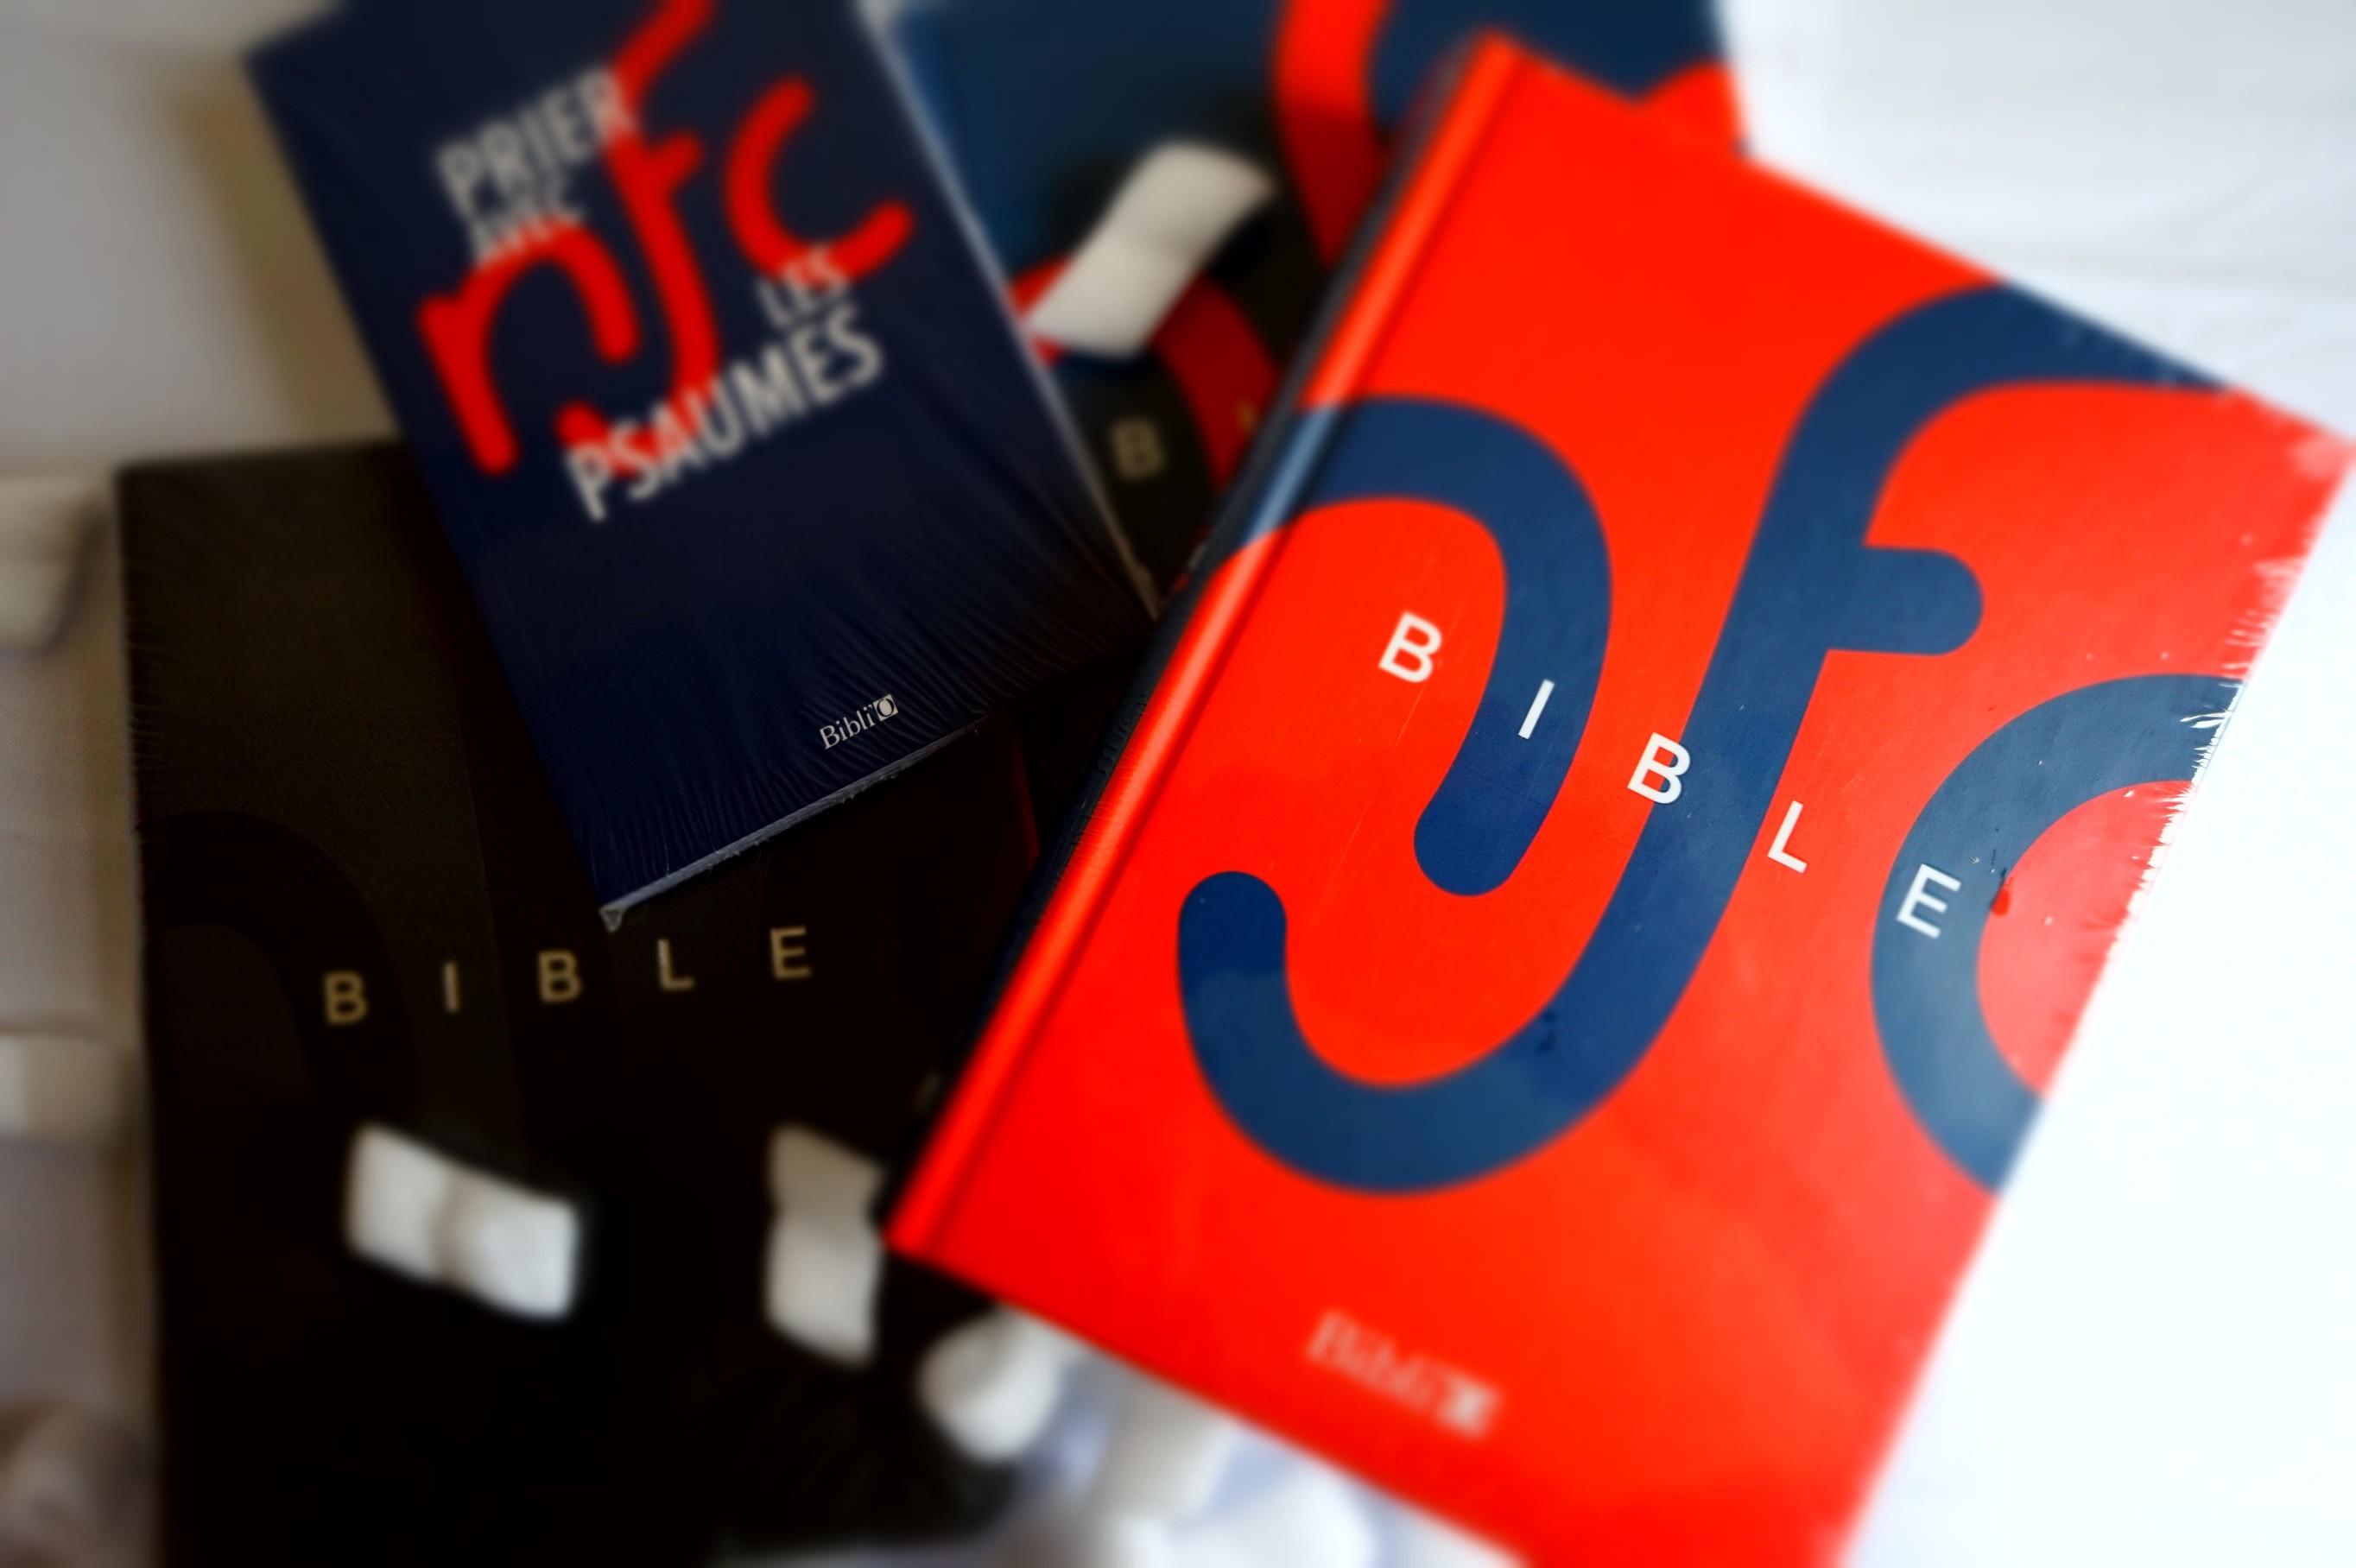 Bibles NFC